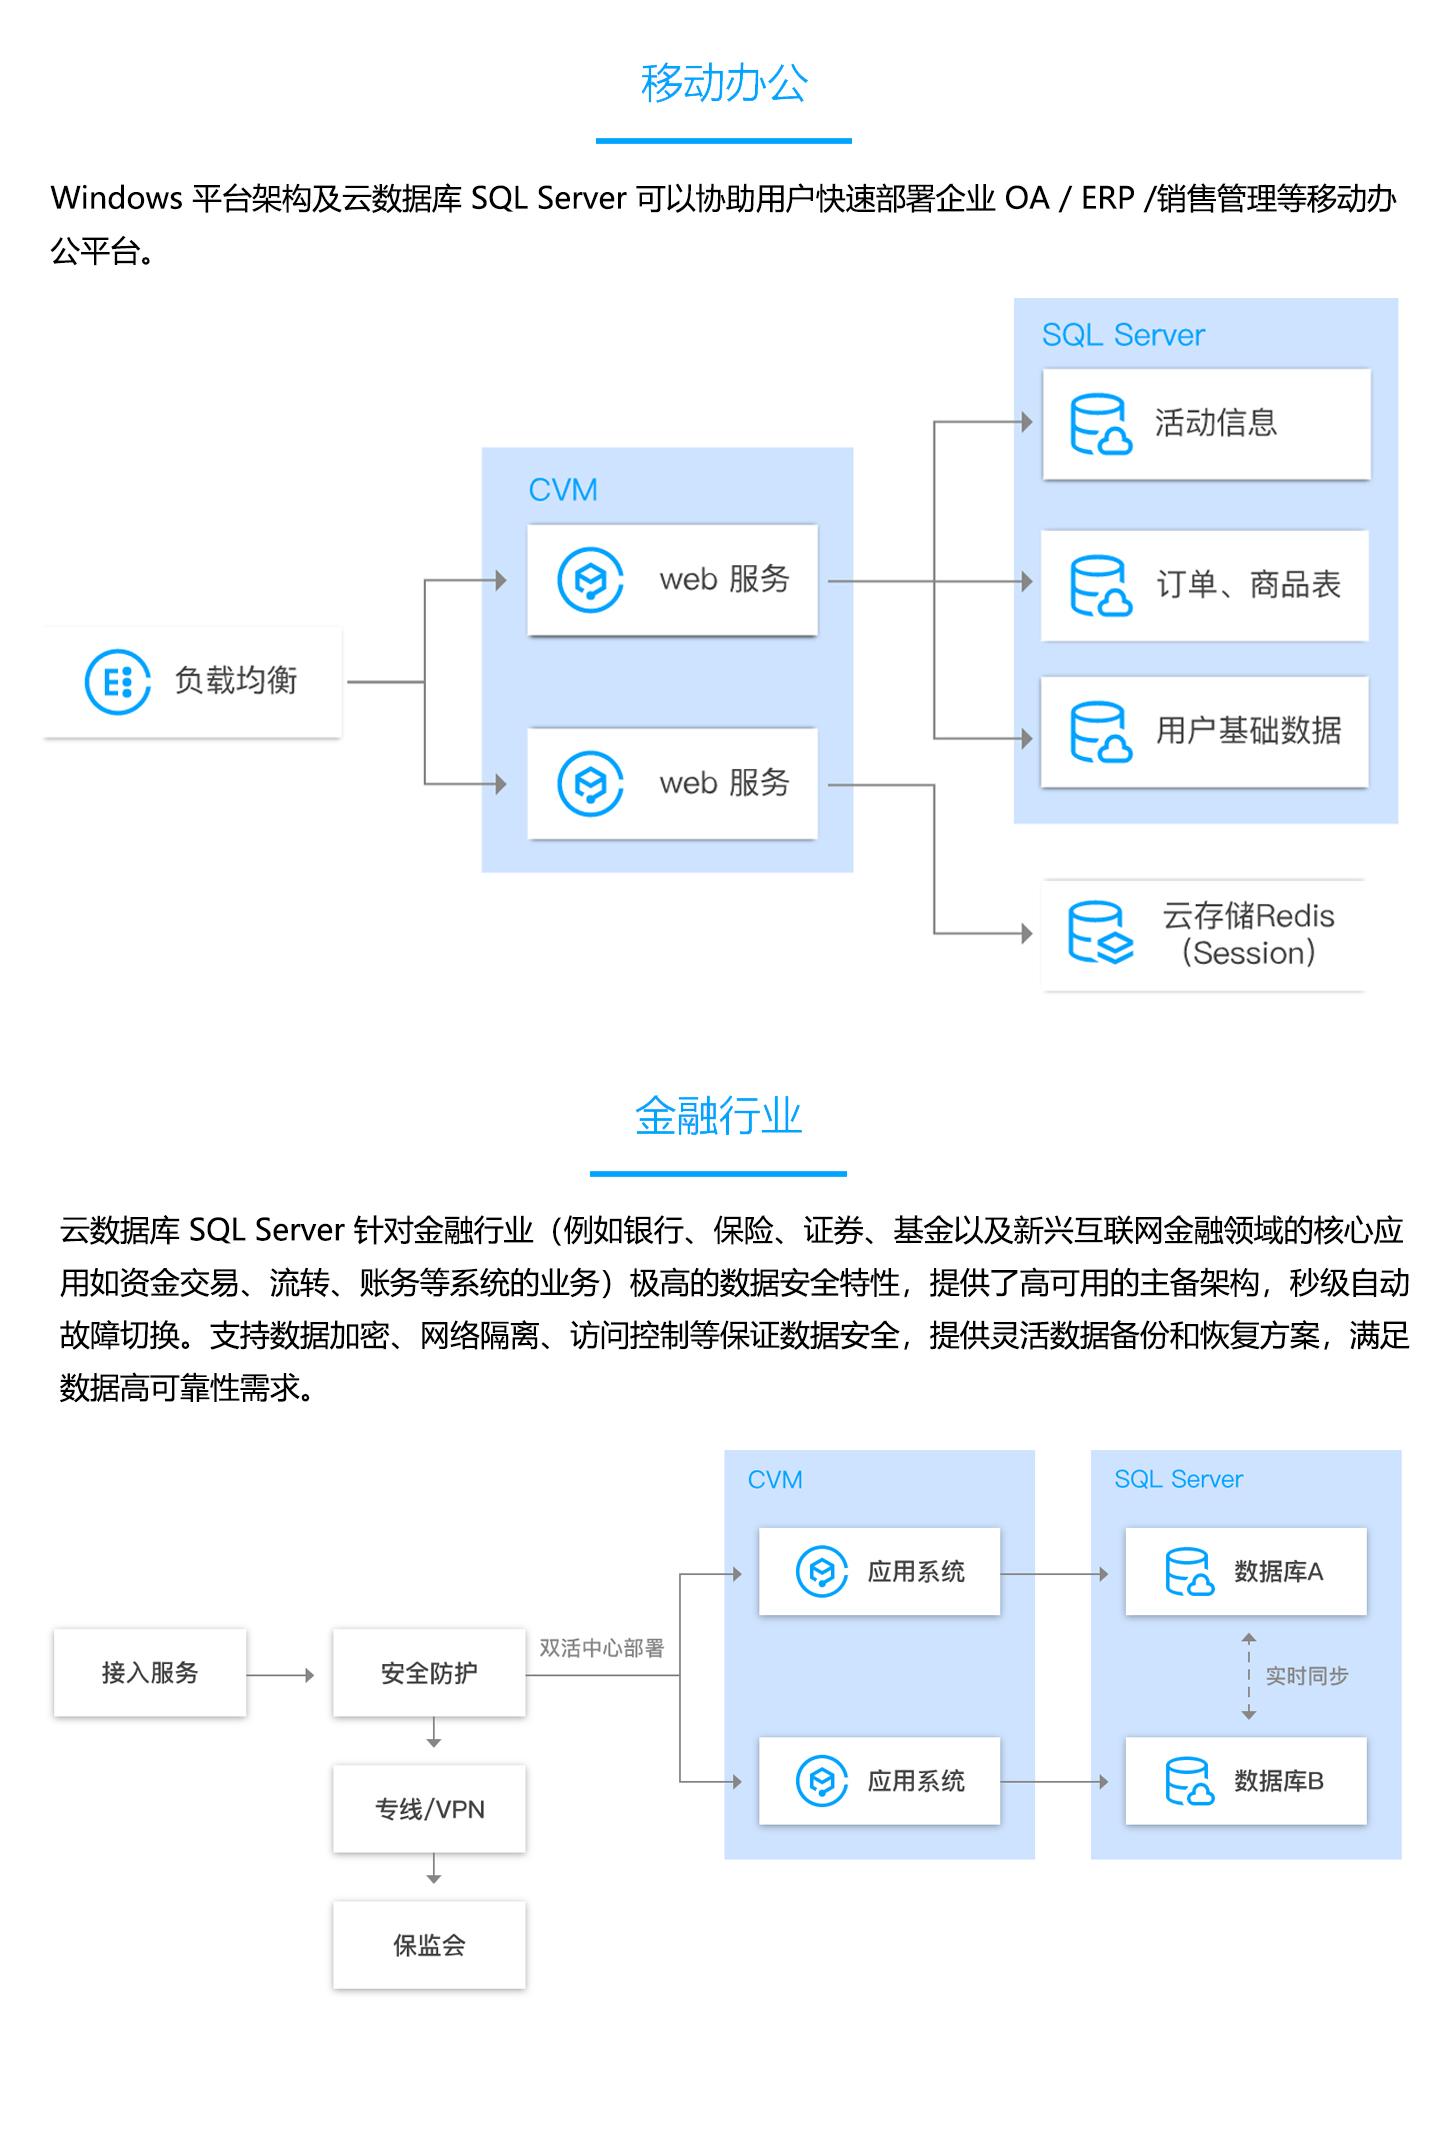 云数据库-TencentDB-for-SQL-Server-1440_03.jpg